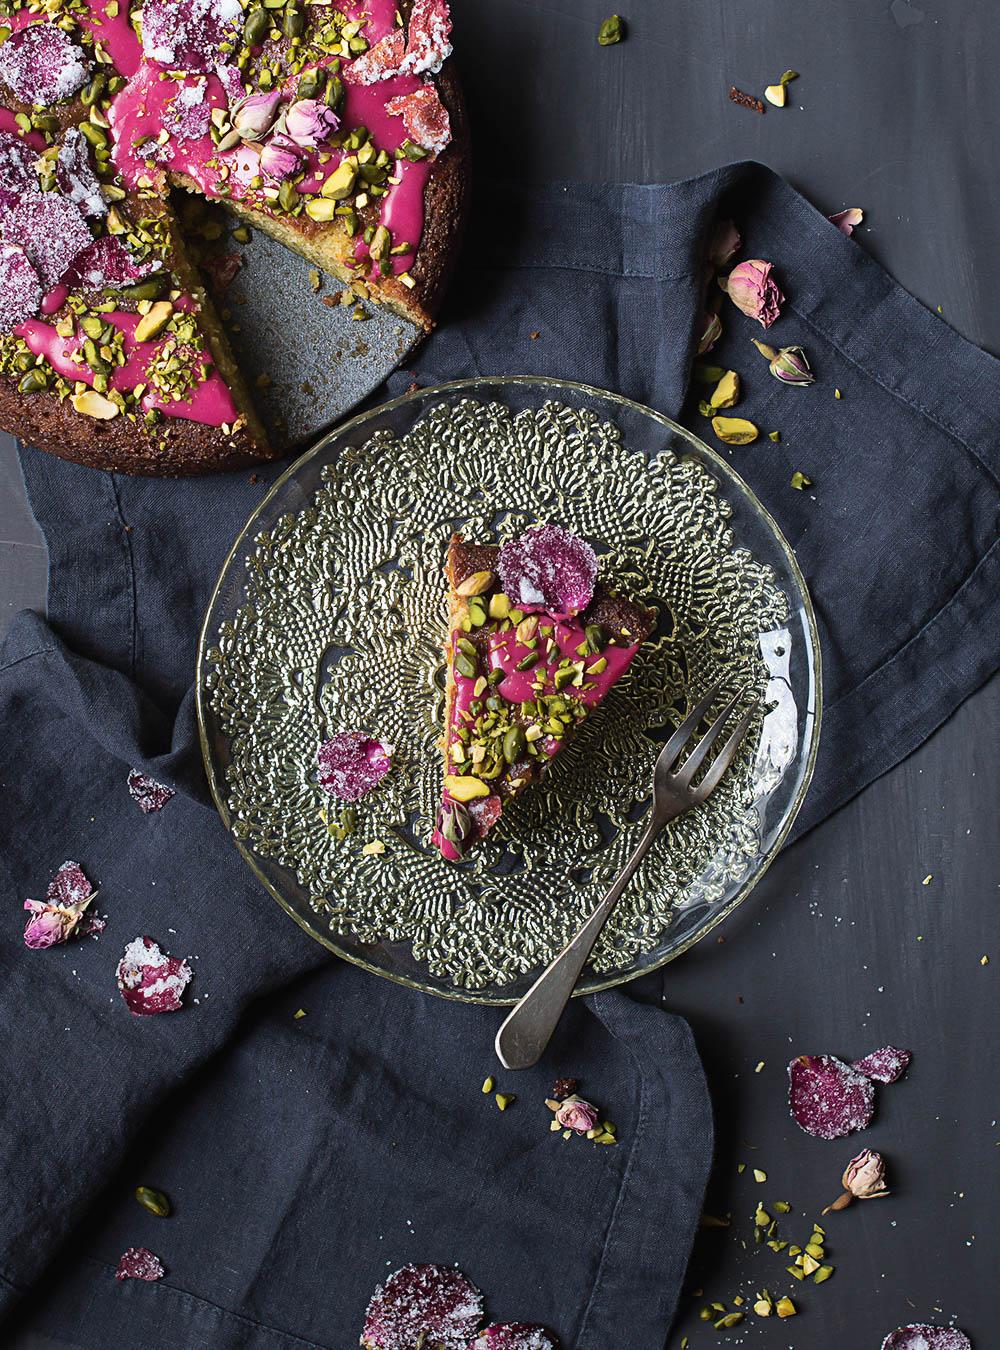 Persischer Liebeskuchen mit Rosen und Pistazien  - Love Cake nach Ottolenghi und Goh